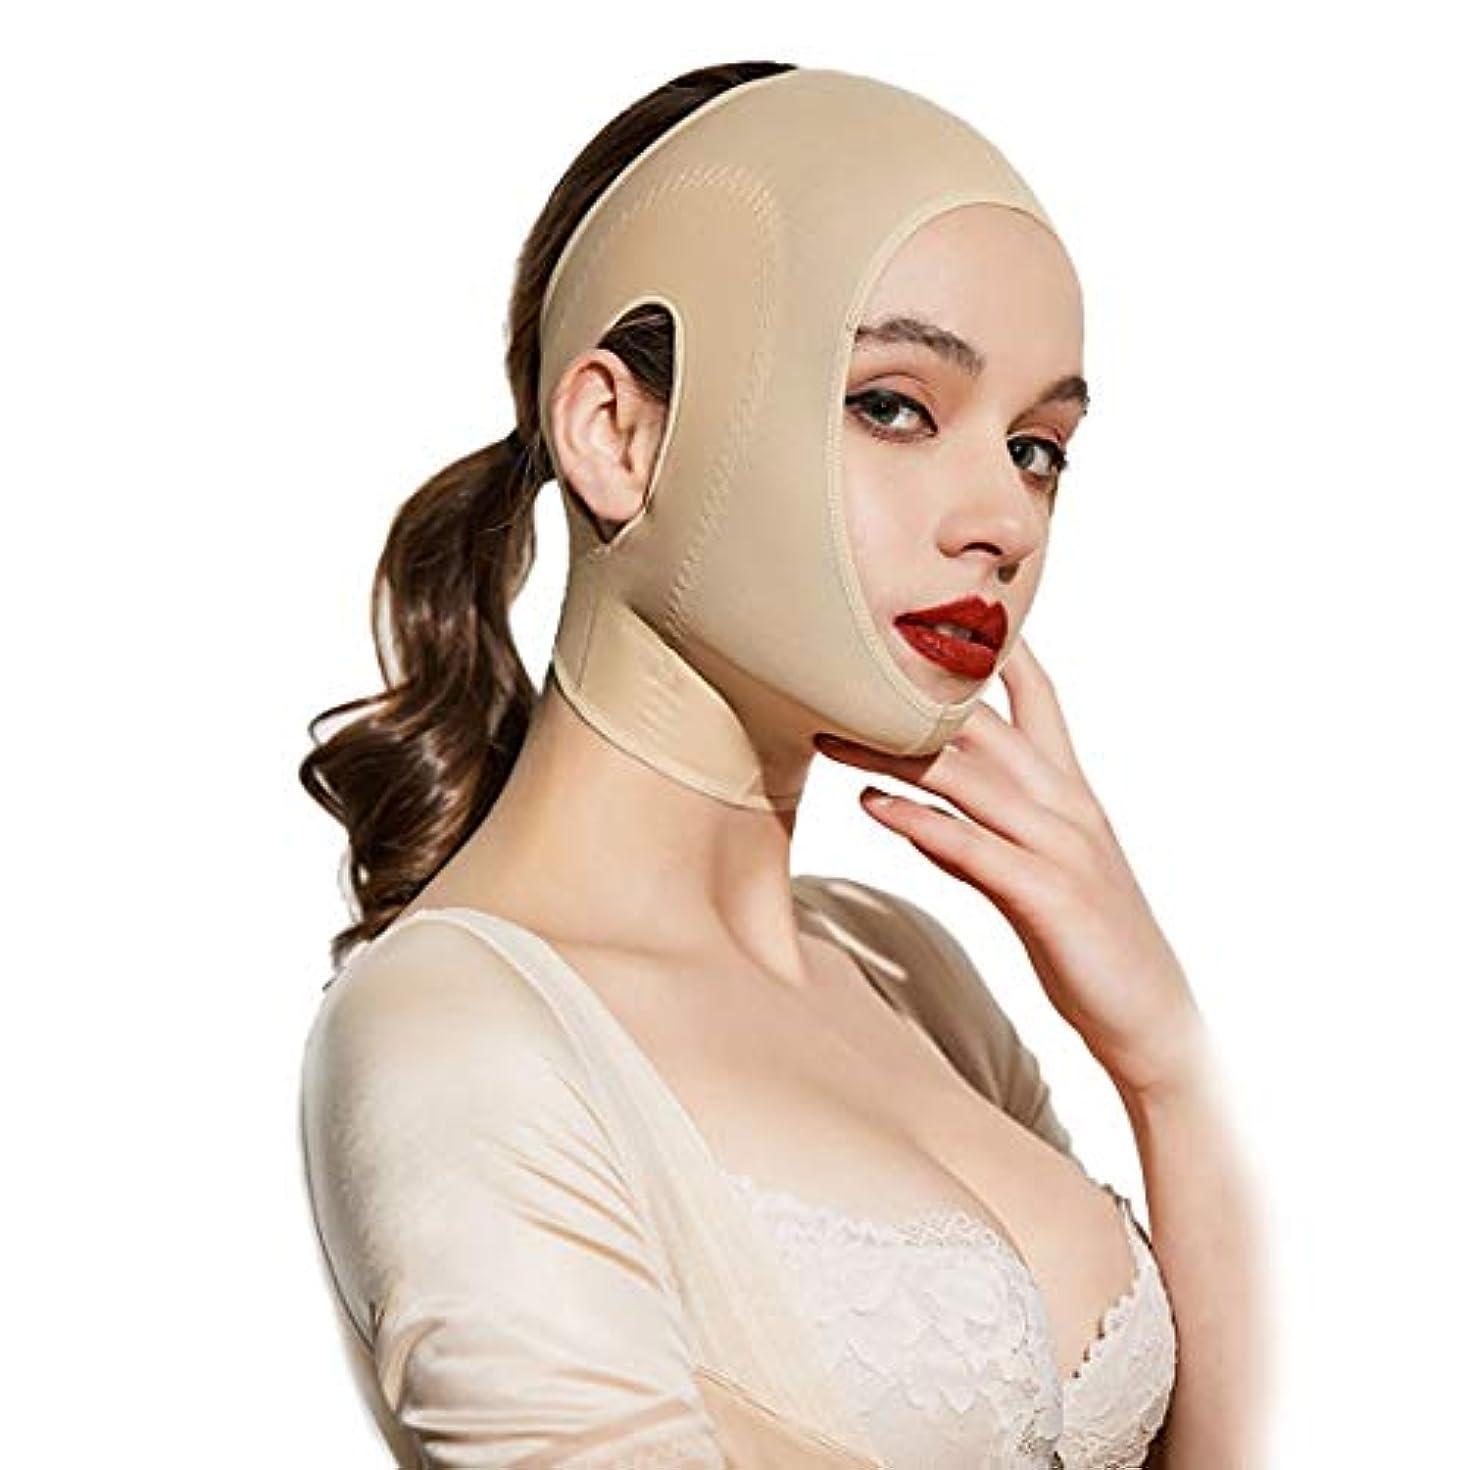 寄託リスクストライプZWBD フェイスマスク, 薄い顔包帯睡眠ステッカー包帯V顔引き締め垂れ顔ダブルあご薄い一口筋肉整形マスク (Size : M)